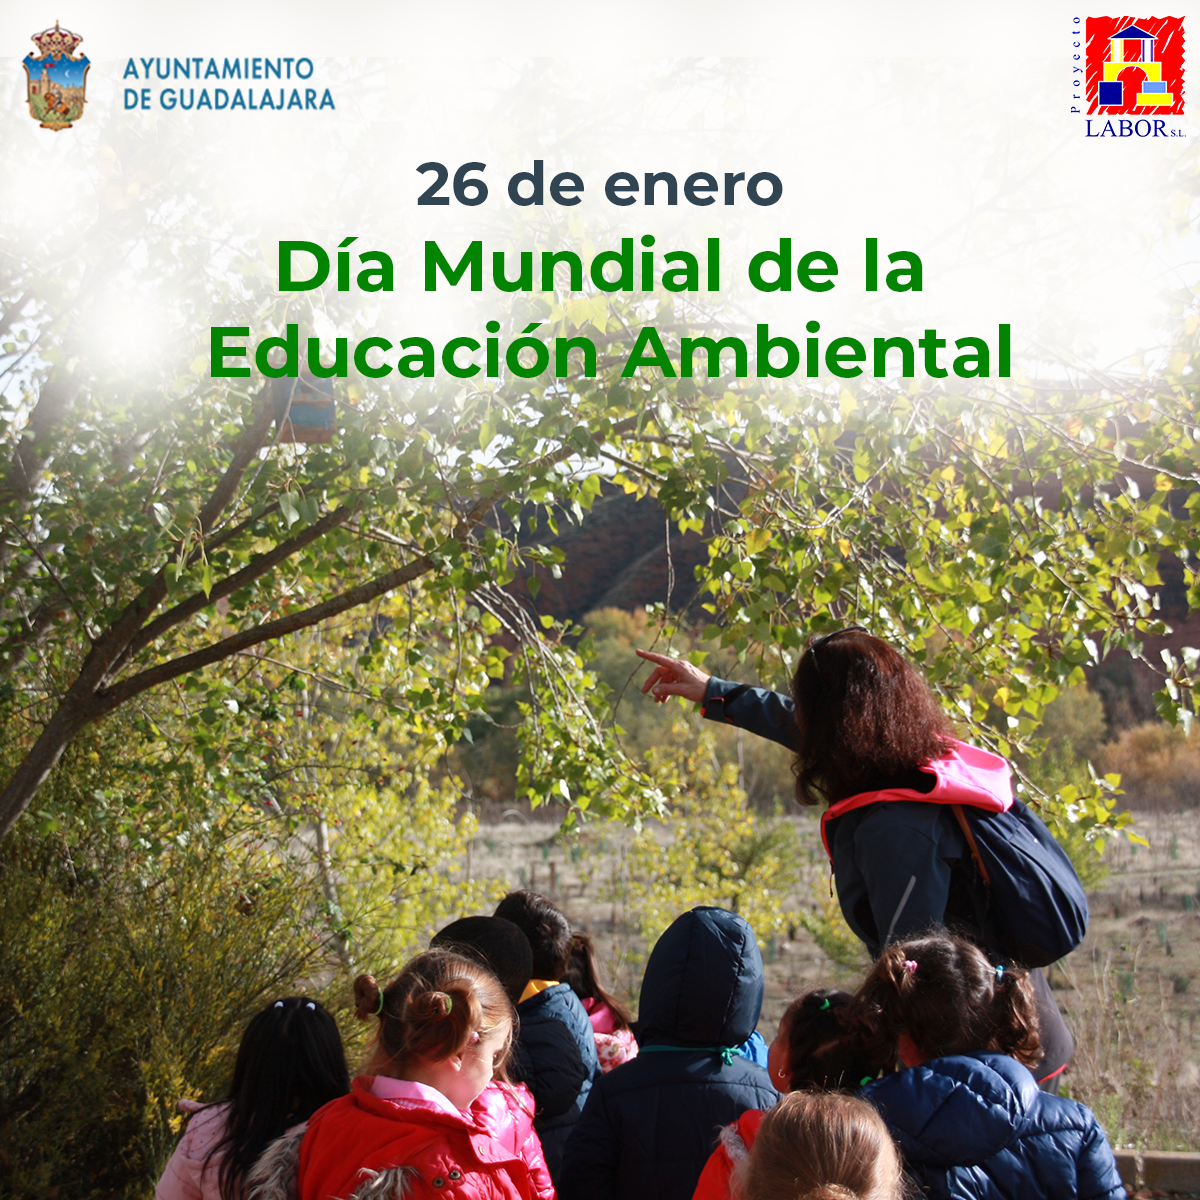 dia mundial de la educacion medioambiental